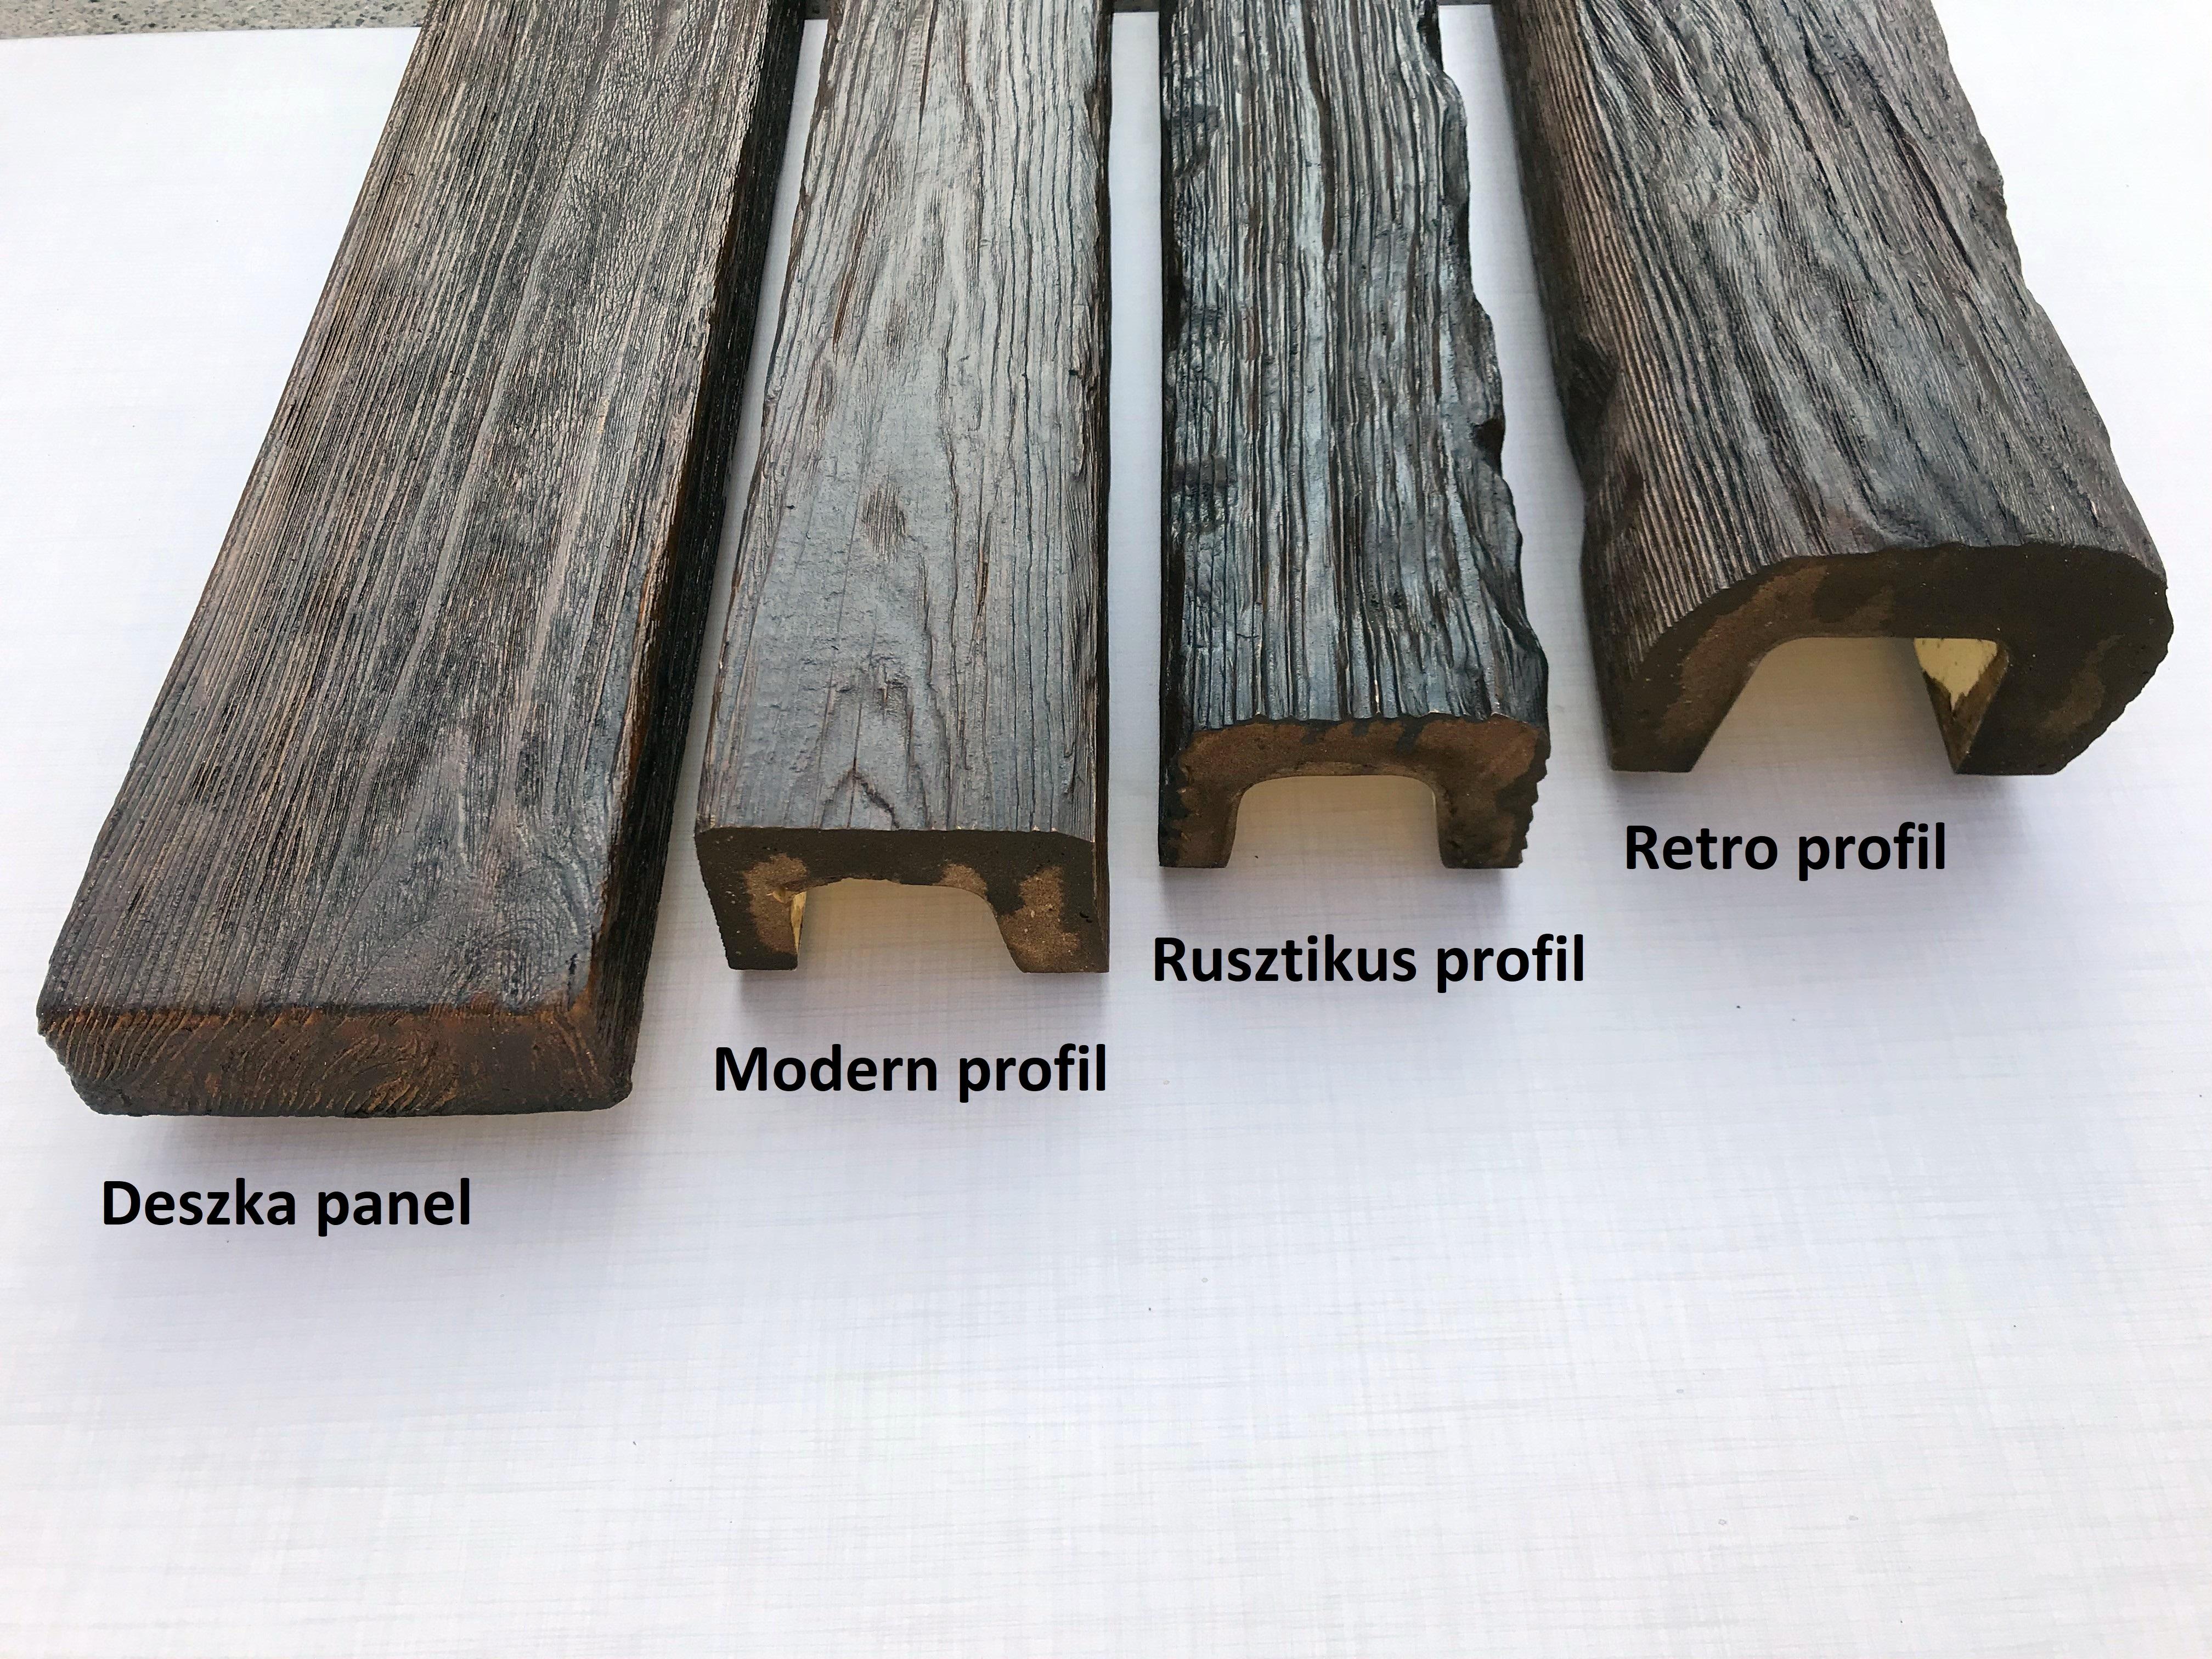 Decowood álgerenda mahagóni színben: antik deszka, modern, rusztikus és retro gerendaprofil